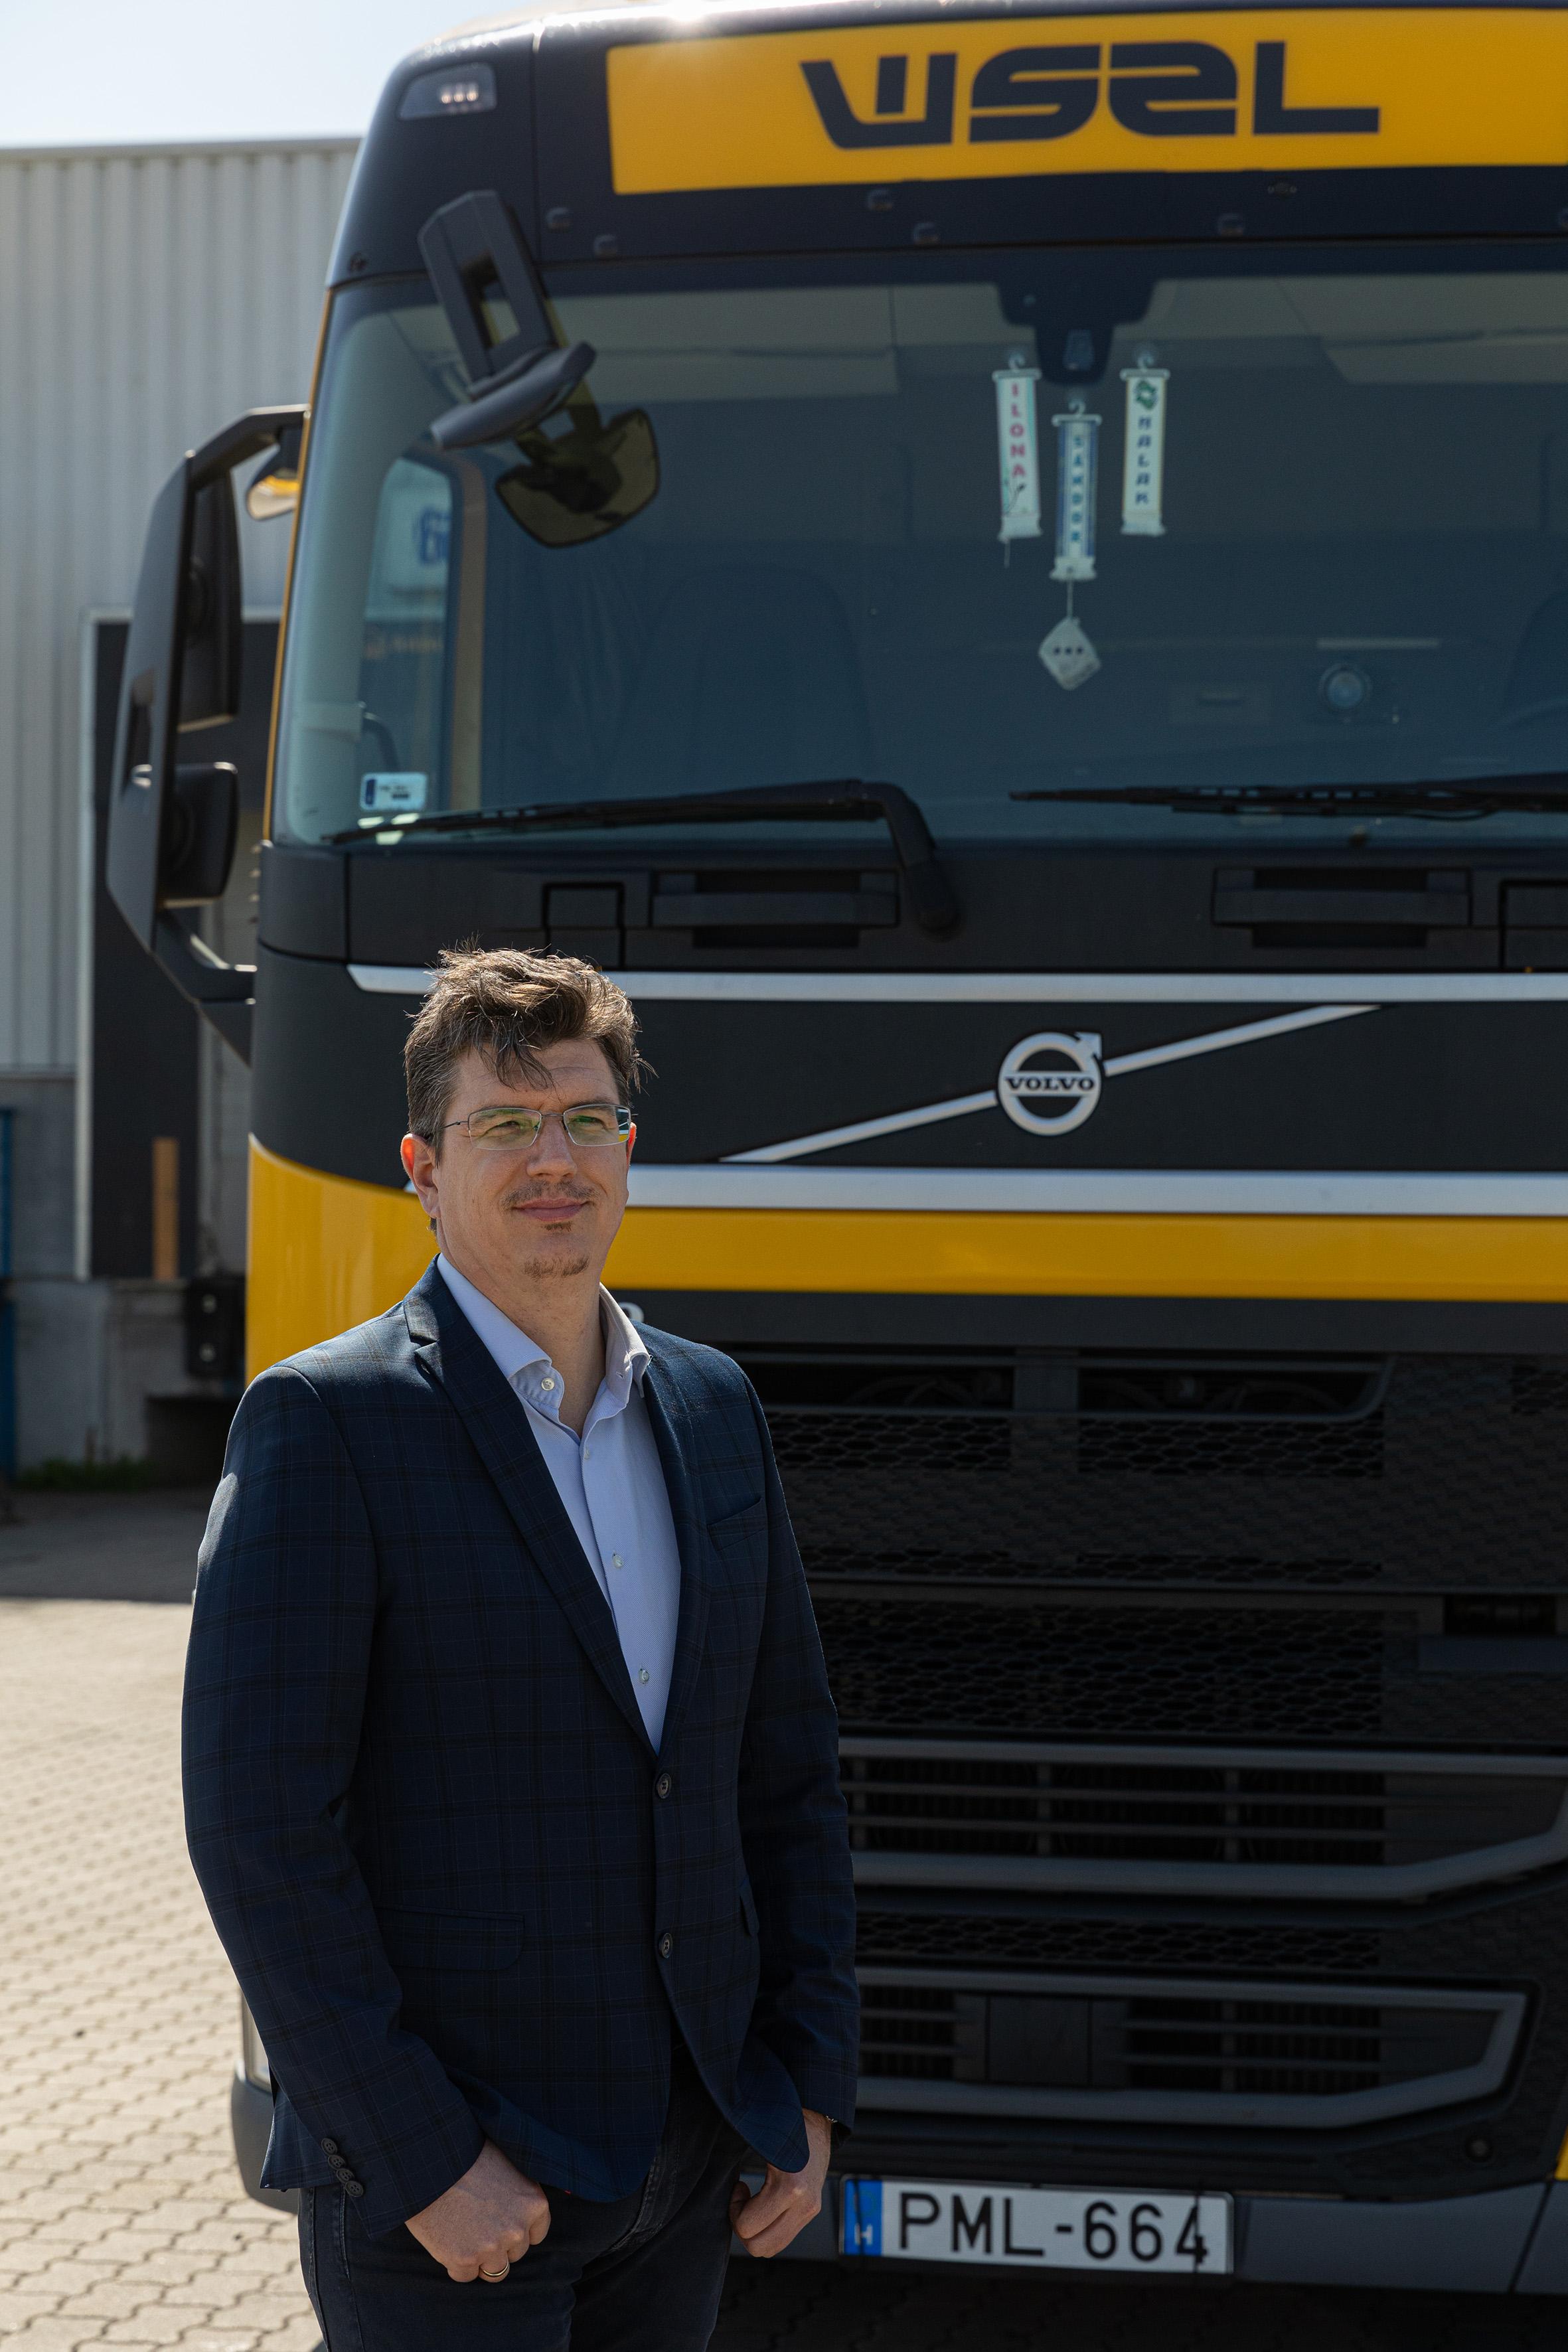 Fel kell adni a járt utat a járatlanért – interjú Horváth Gáborral, a WSZL konténer üzletágának új vezetőjével a konténer- és sofőrhiányról, a digitalizációról és a flotta szinten tartásáról